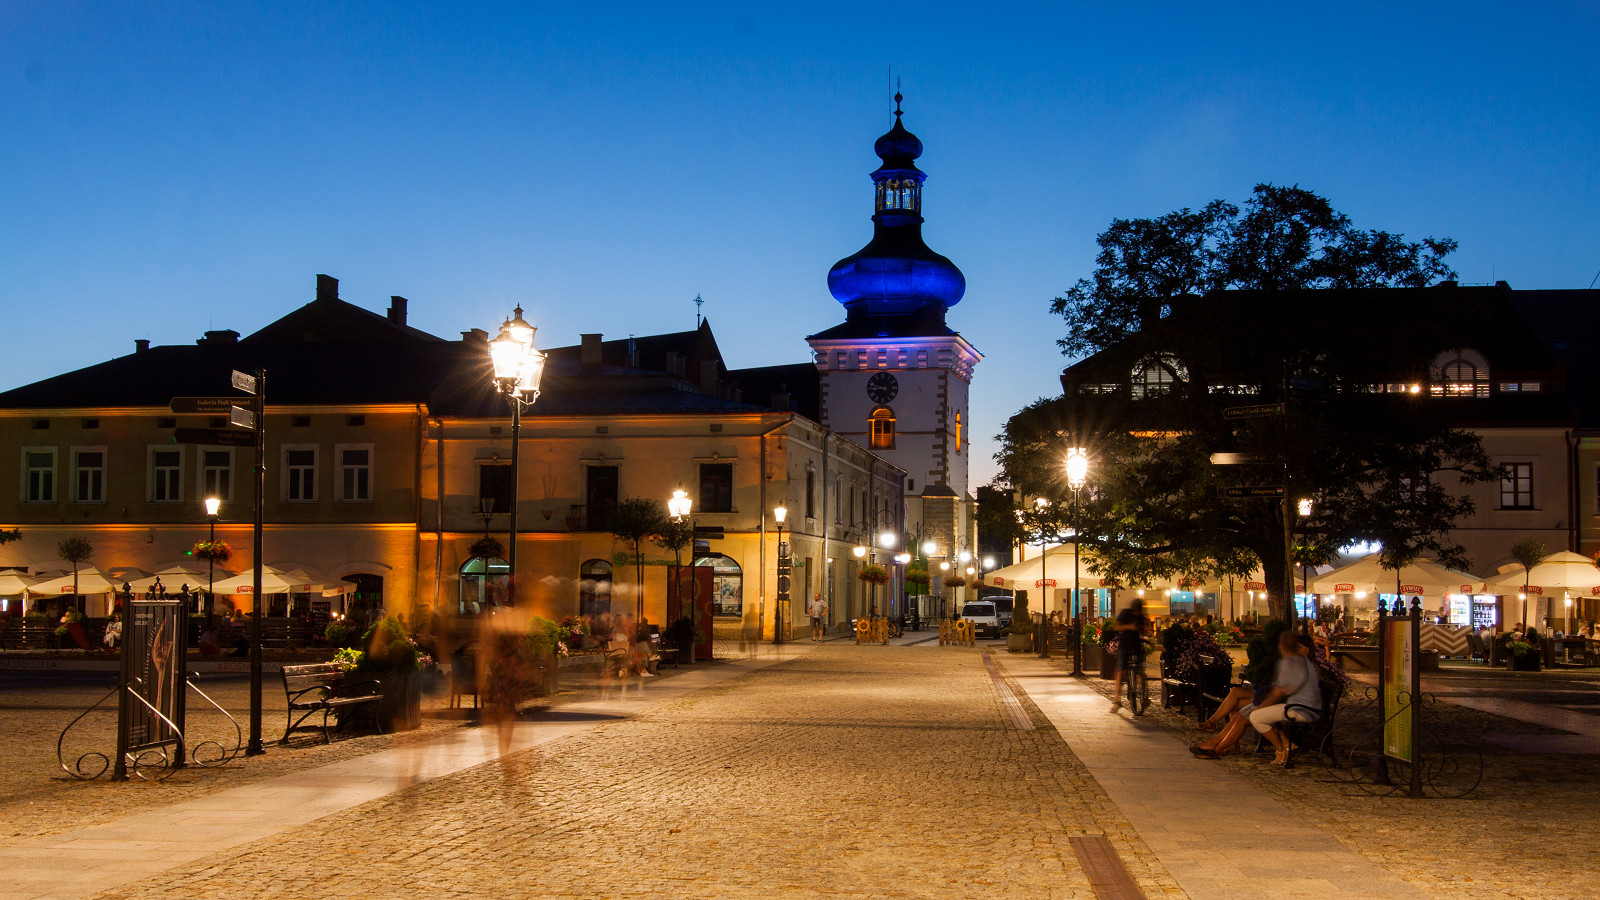 Rynek w letniwieczór fot. S. Muszański (4).jpg [8.49 MB]